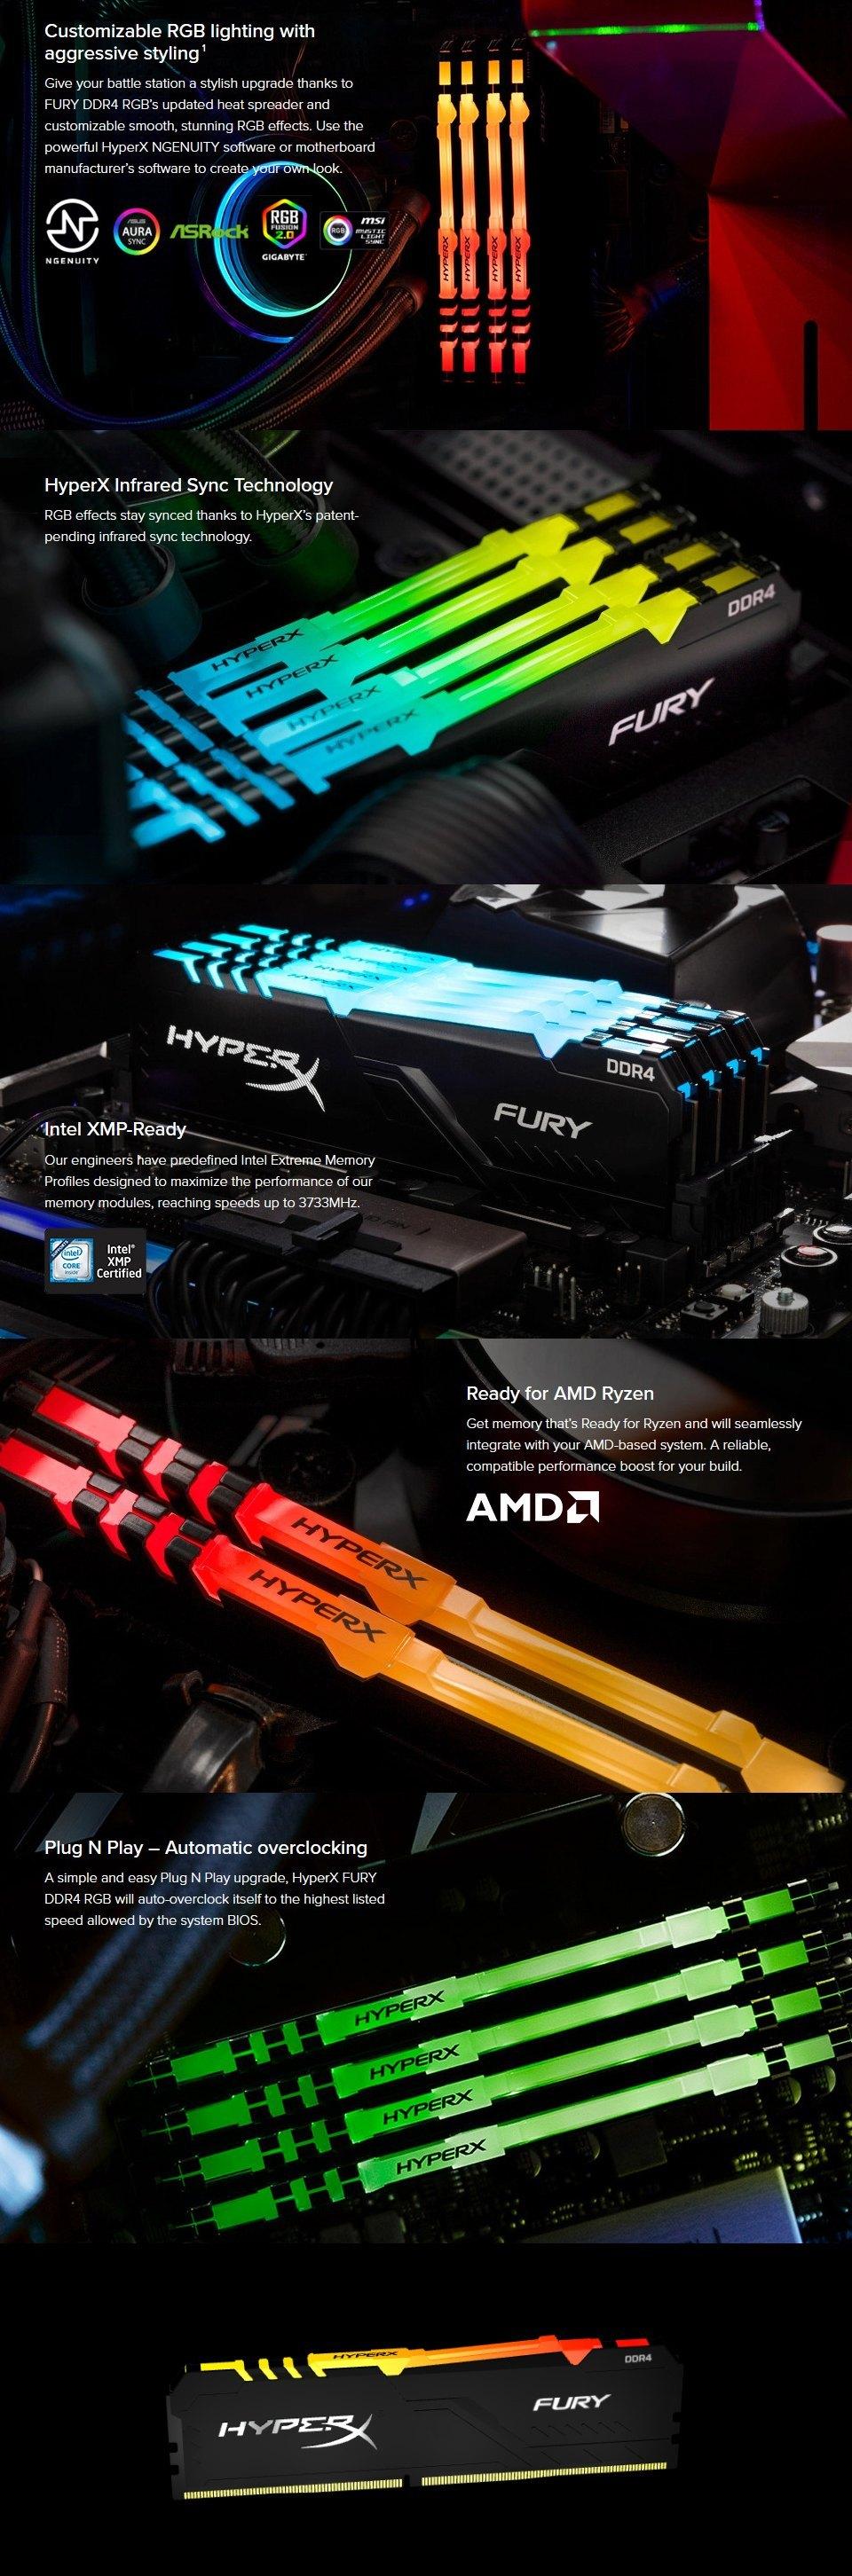 Kingston HyperX Fury RGB 32GB (2x16GB) 3600MHz CL17 DDR4 features